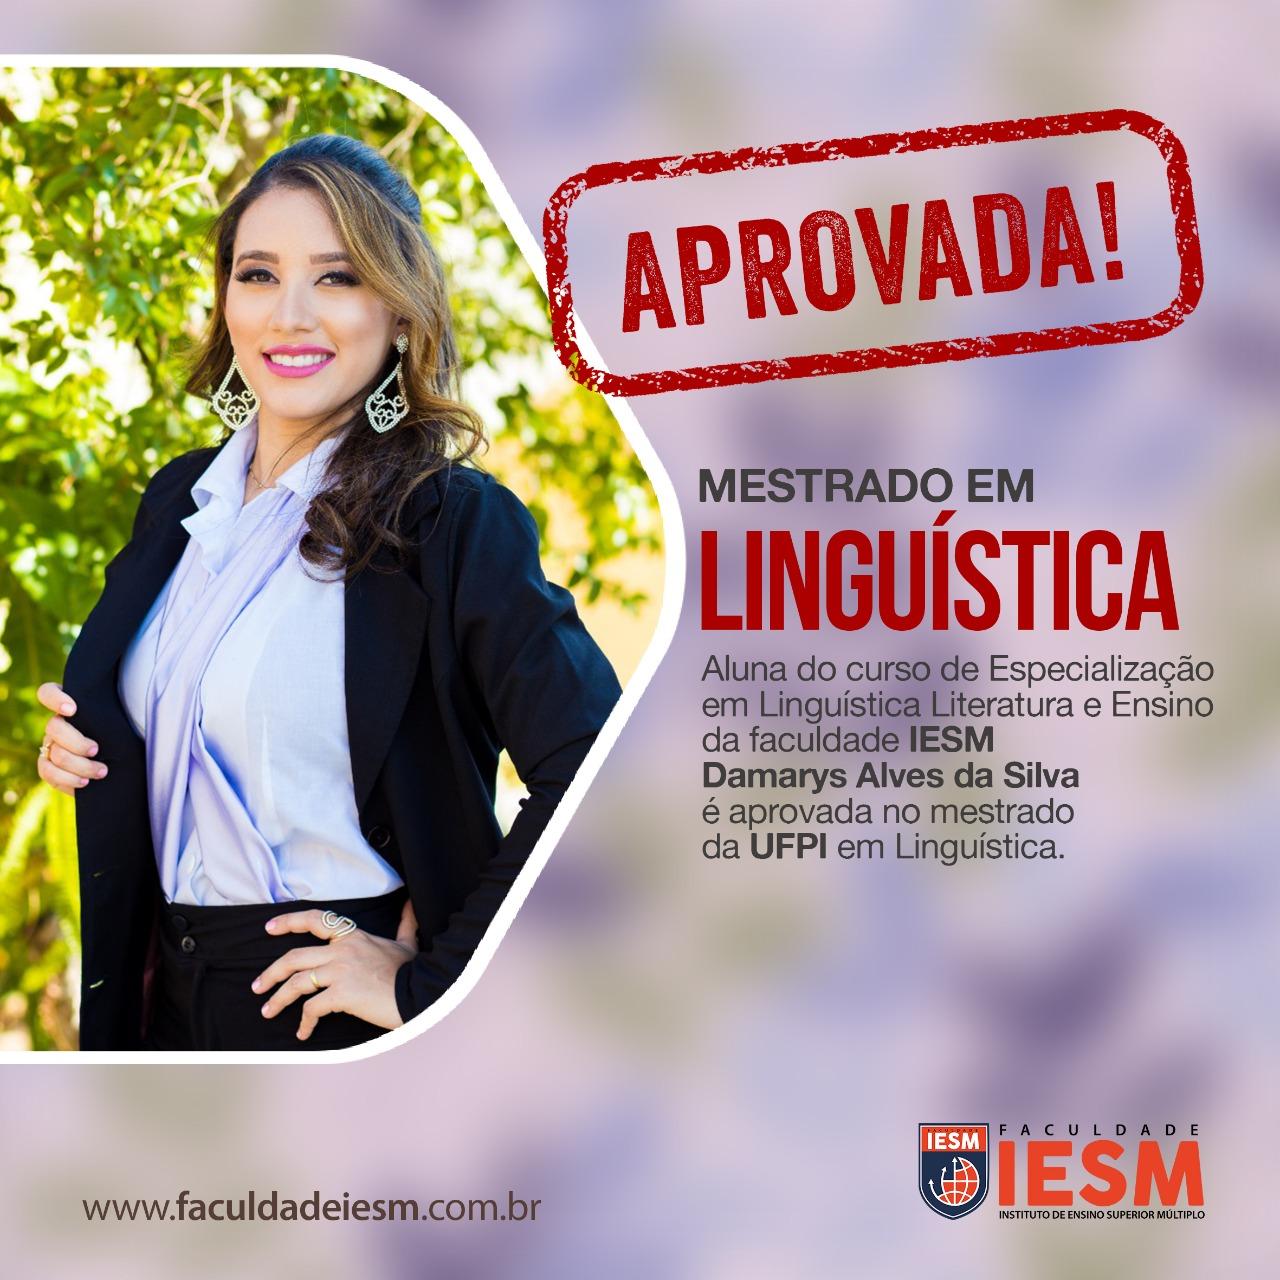 APROVADA, aluna do curso de especialização em linguística literatura e ensino da faculdade IESM